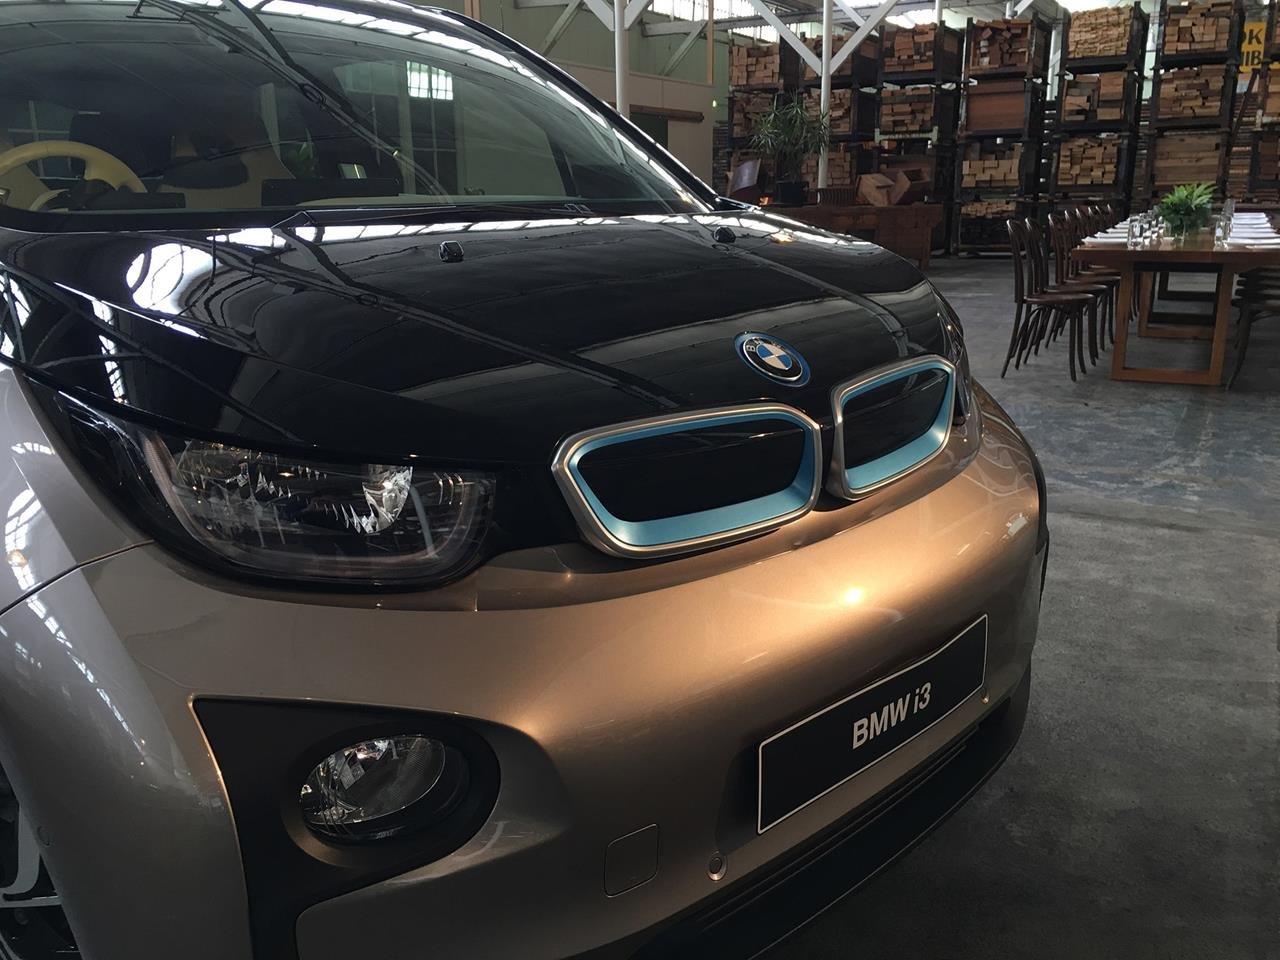 BMW i3 photo 170030